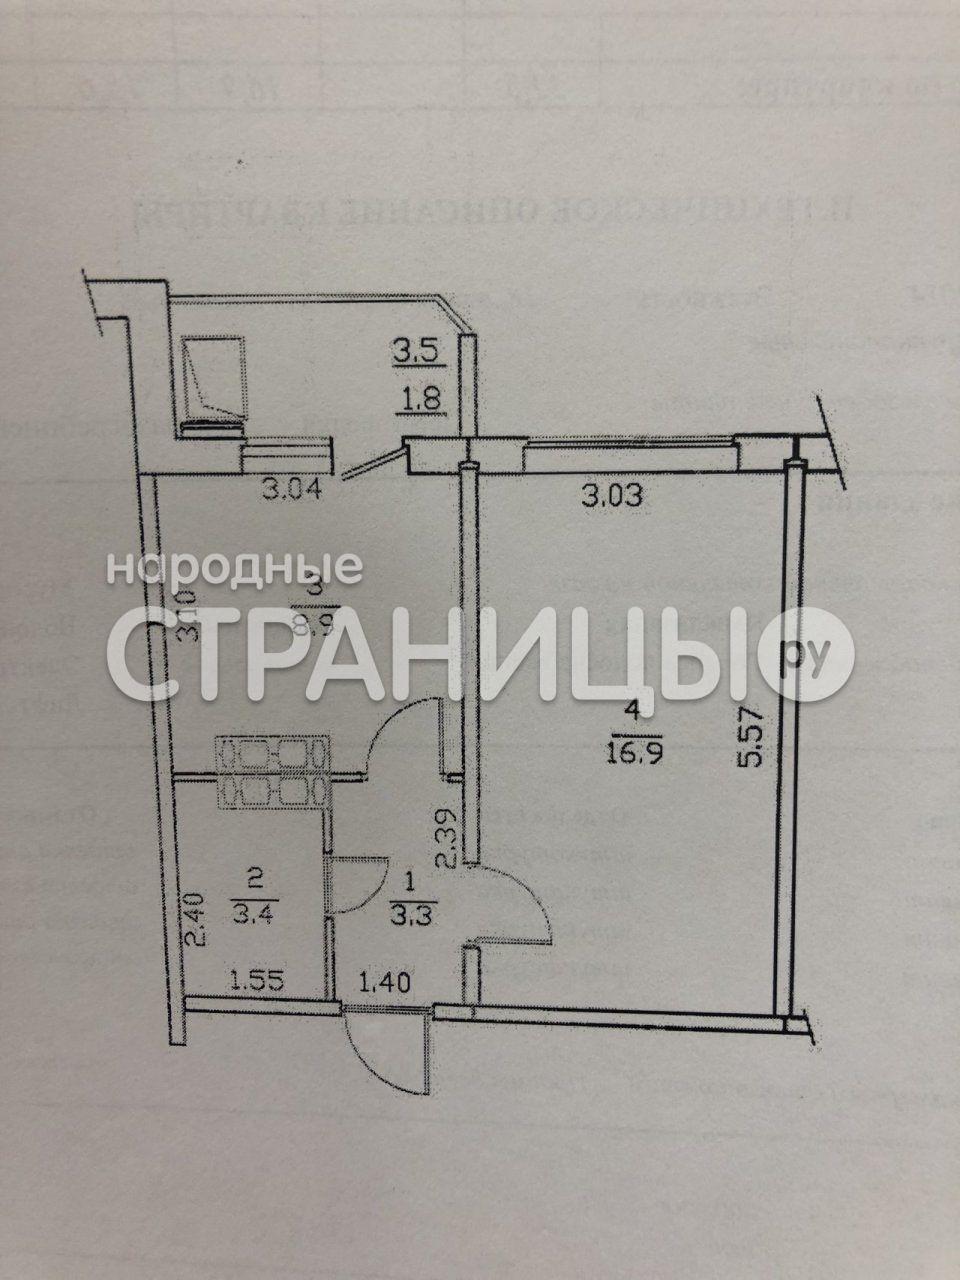 1-комнатная квартира, 35.0 м²,  10/17 эт. Панельный дом, Вторичное жилье